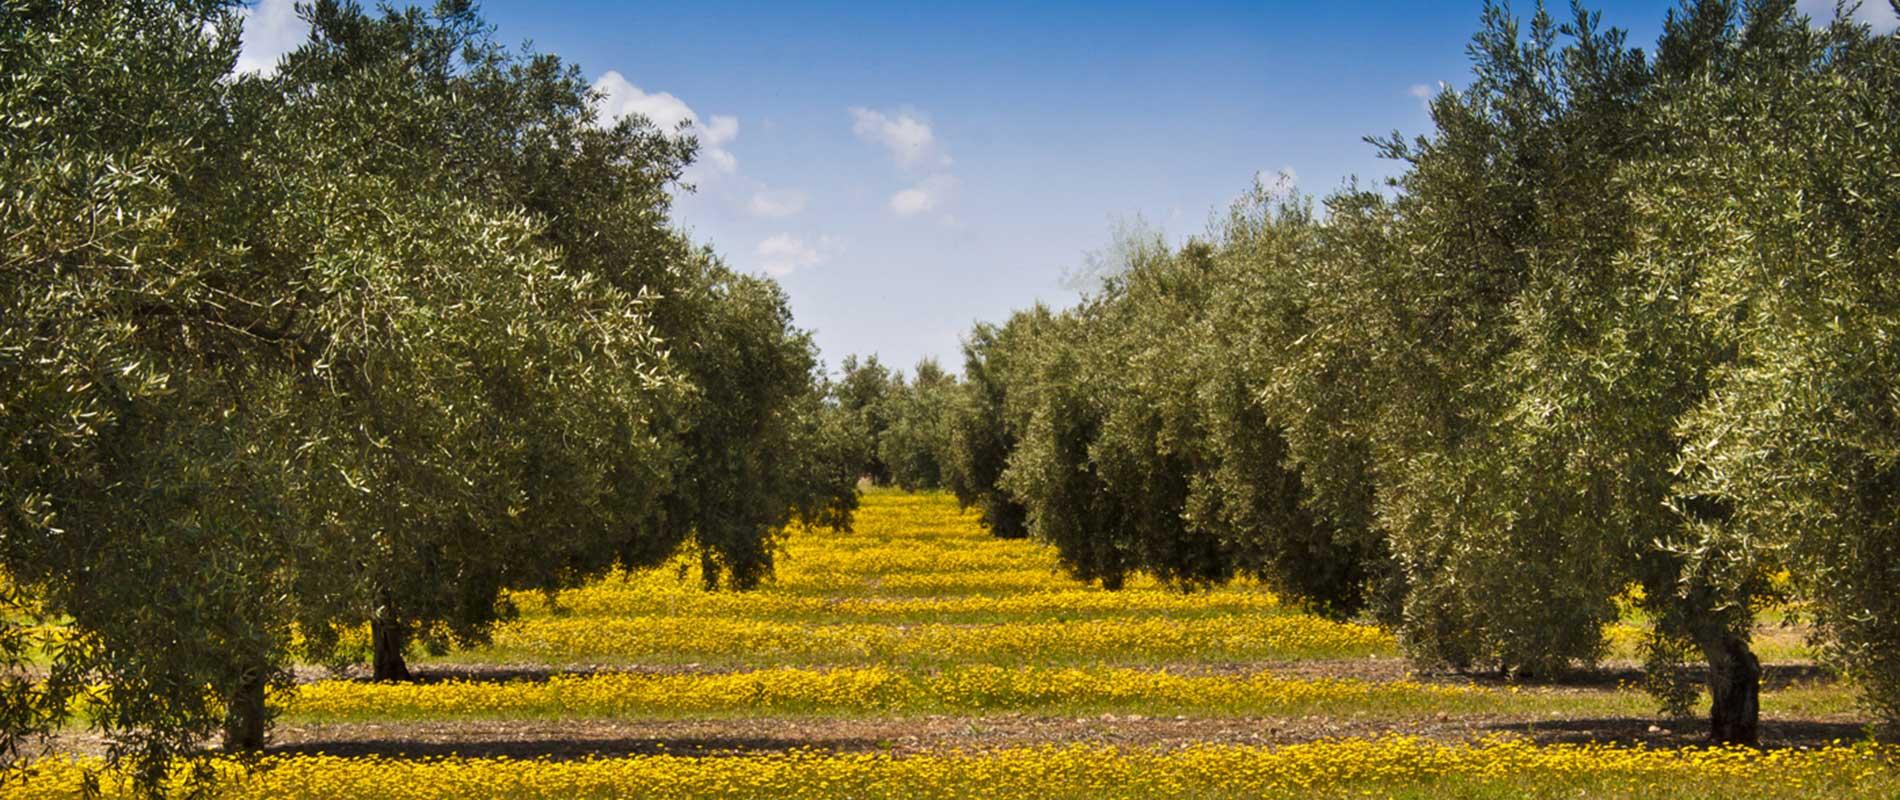 Olibaza Calidad del aceite de oliva